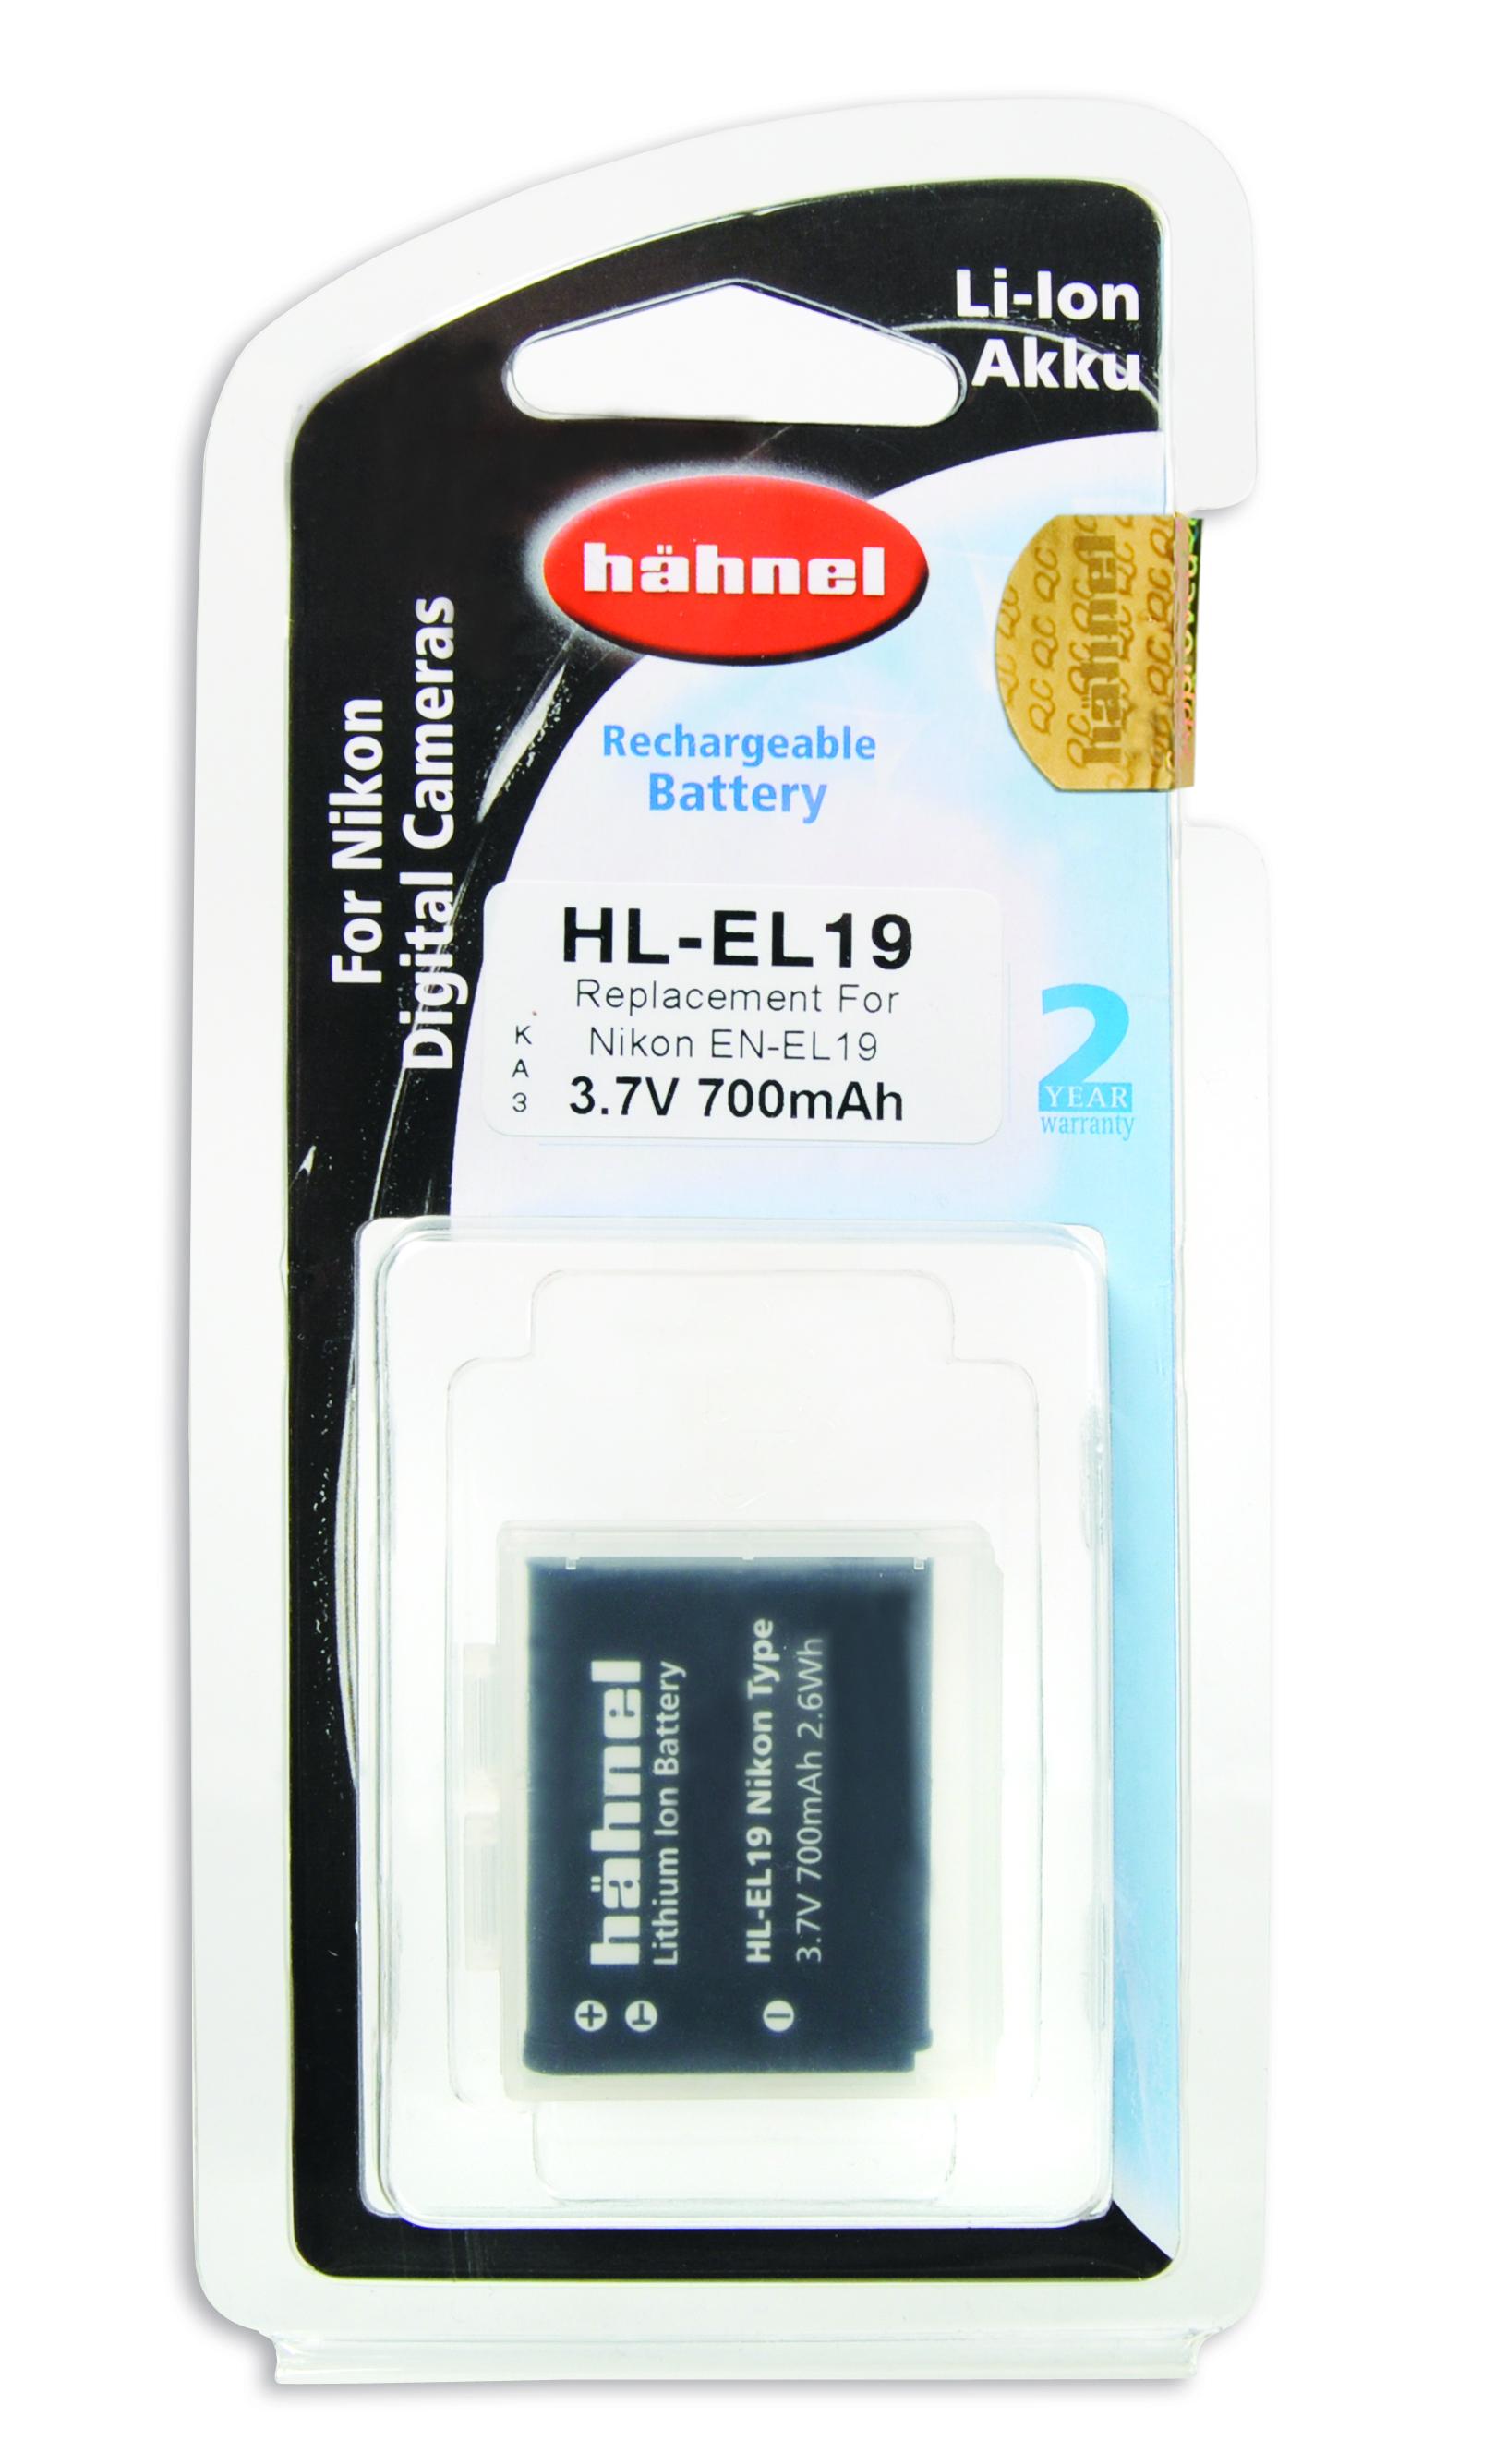 Hähnel HL-EL 19